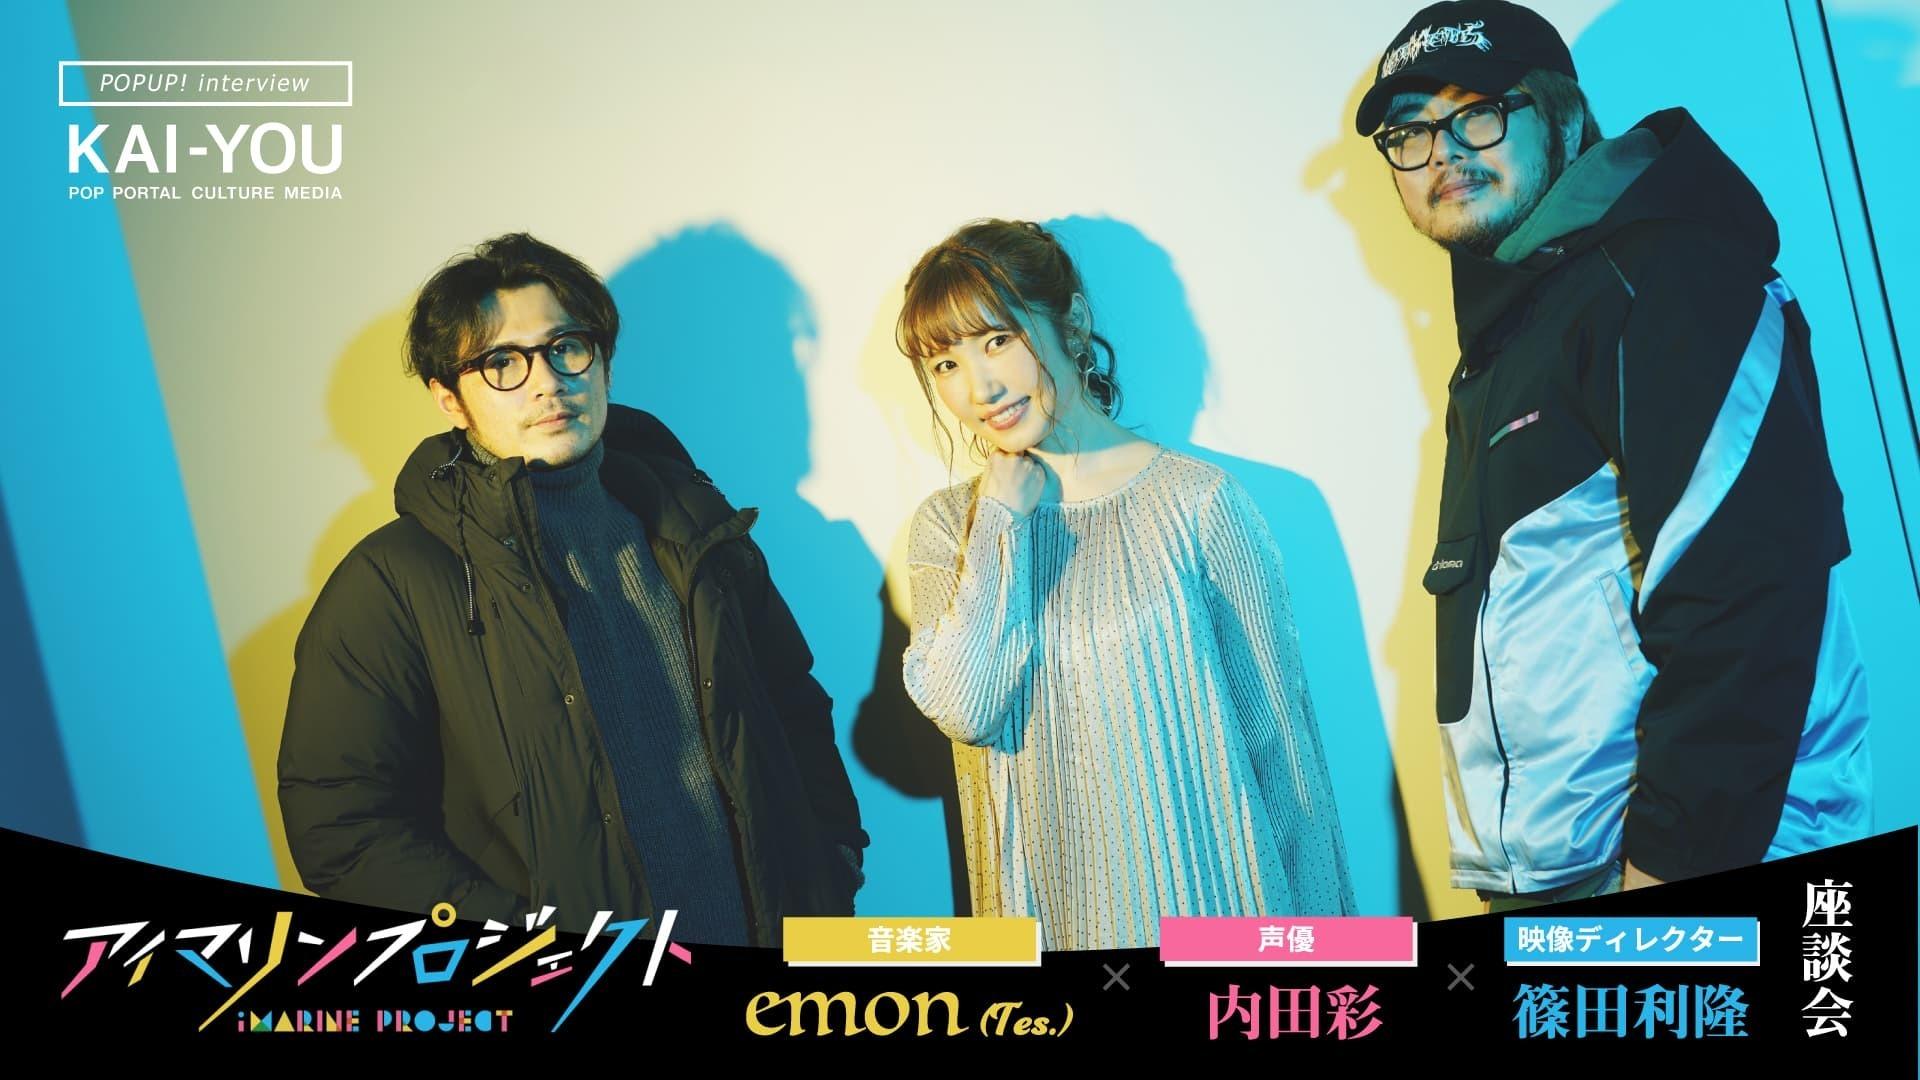 """内田彩らが語る""""2.8次元アイドル""""の魅力 「VTuberさんがうらやましかった」"""